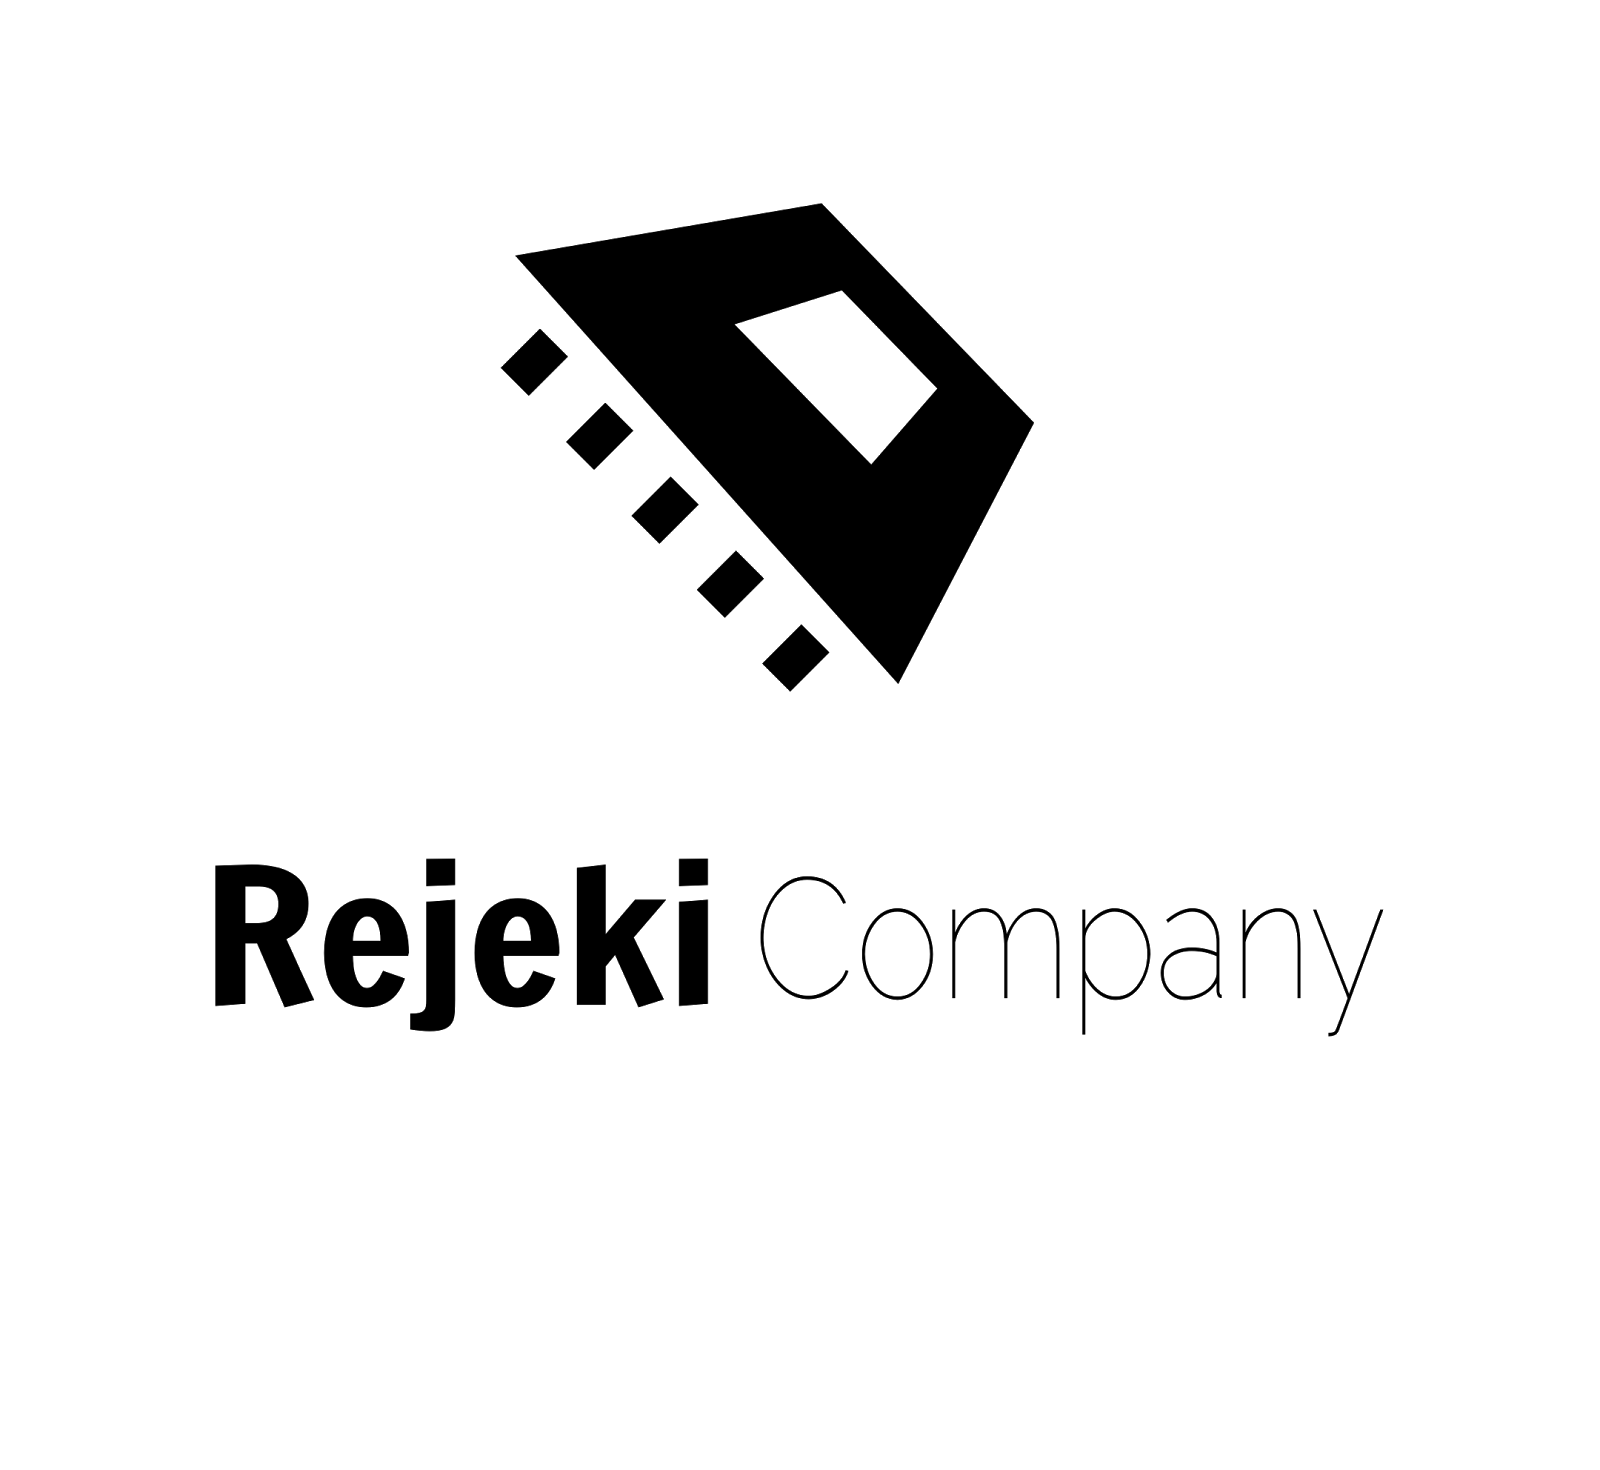 Rejeki Company